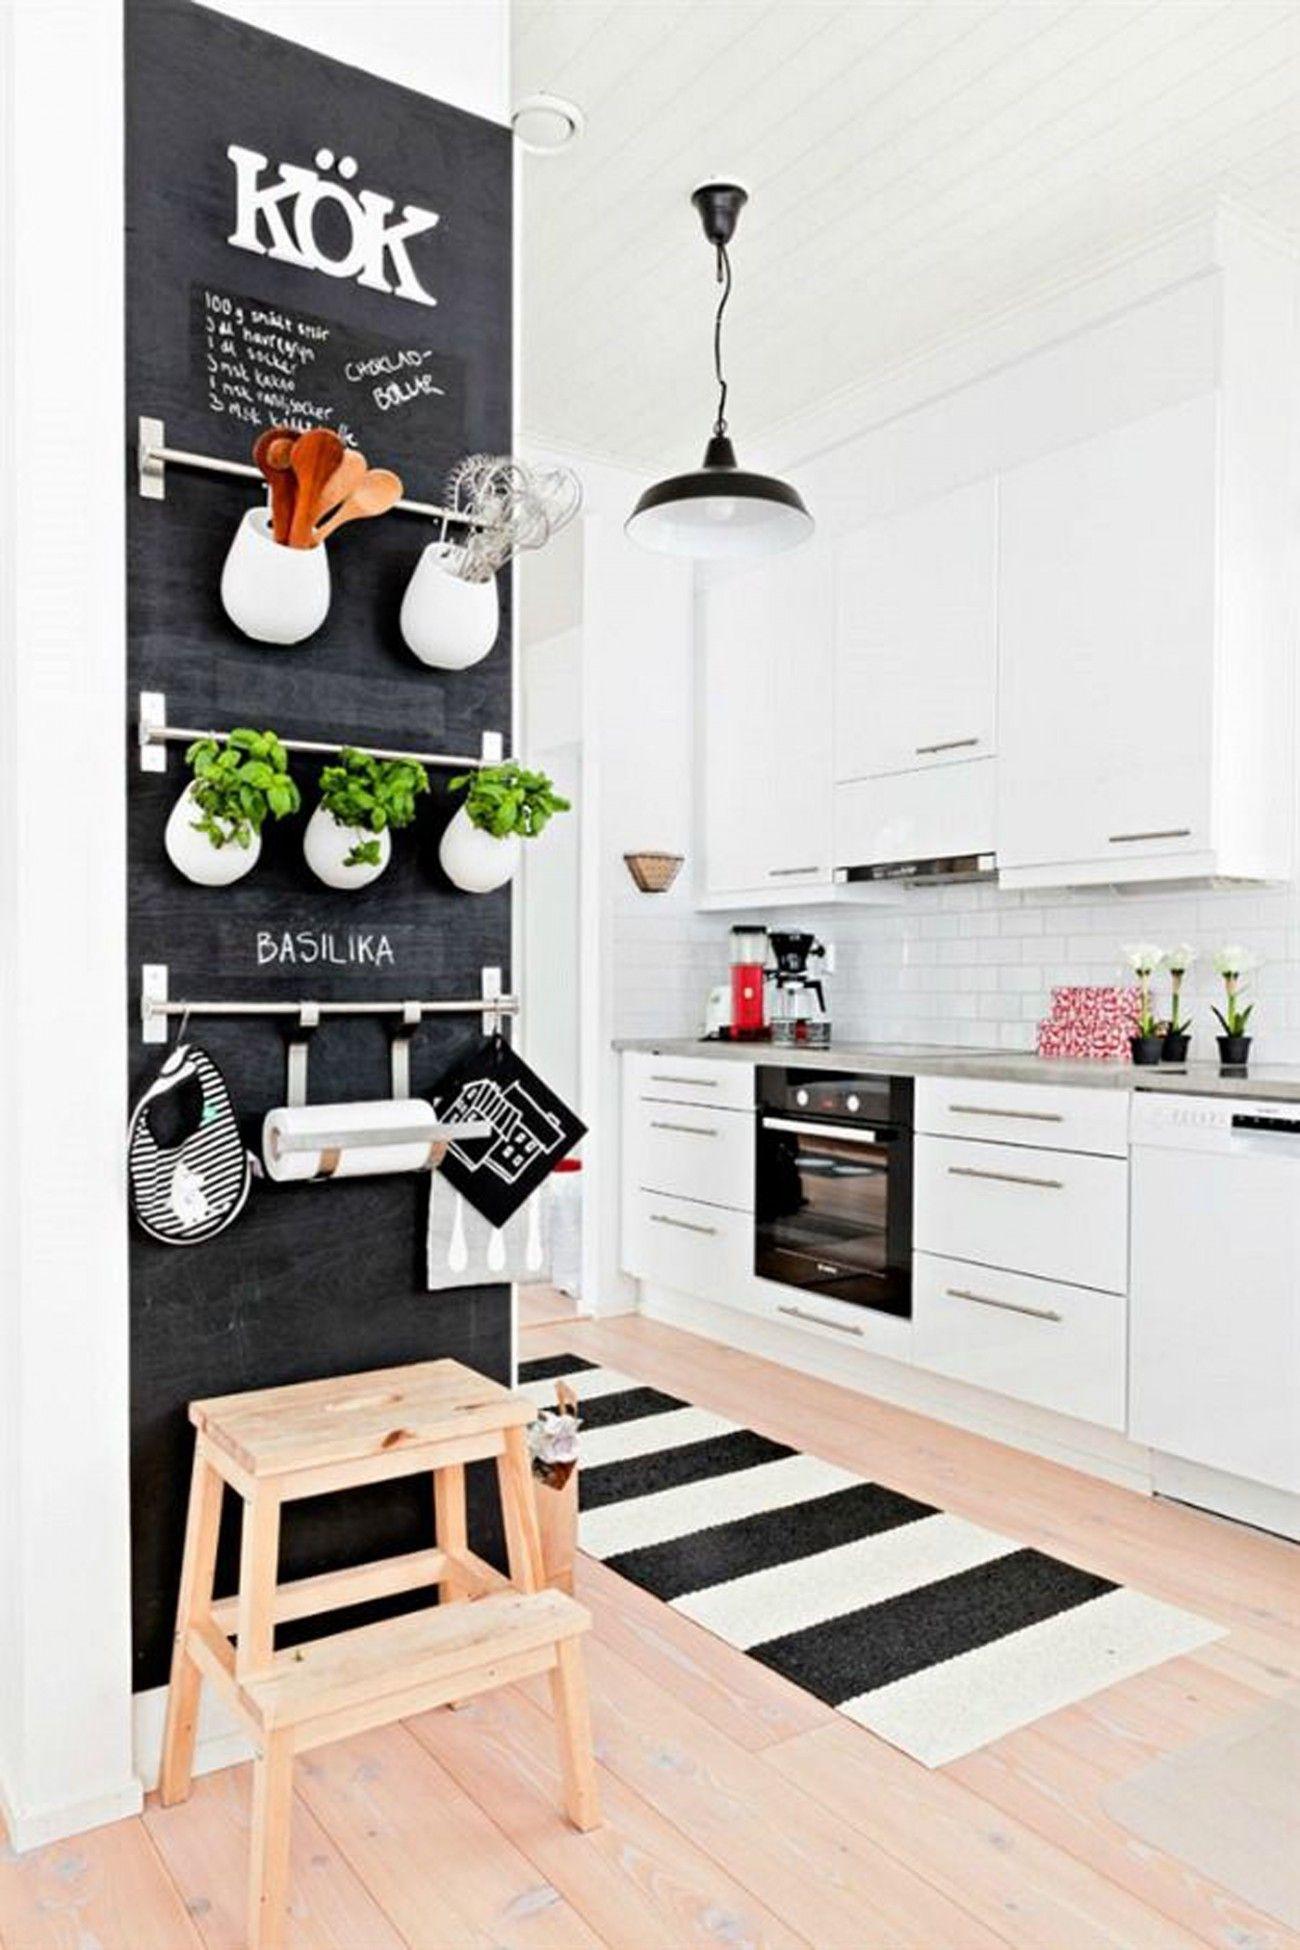 Tafel Für Küche  Einkaufsliste 18d Tafelfolie Einkaufen Listen